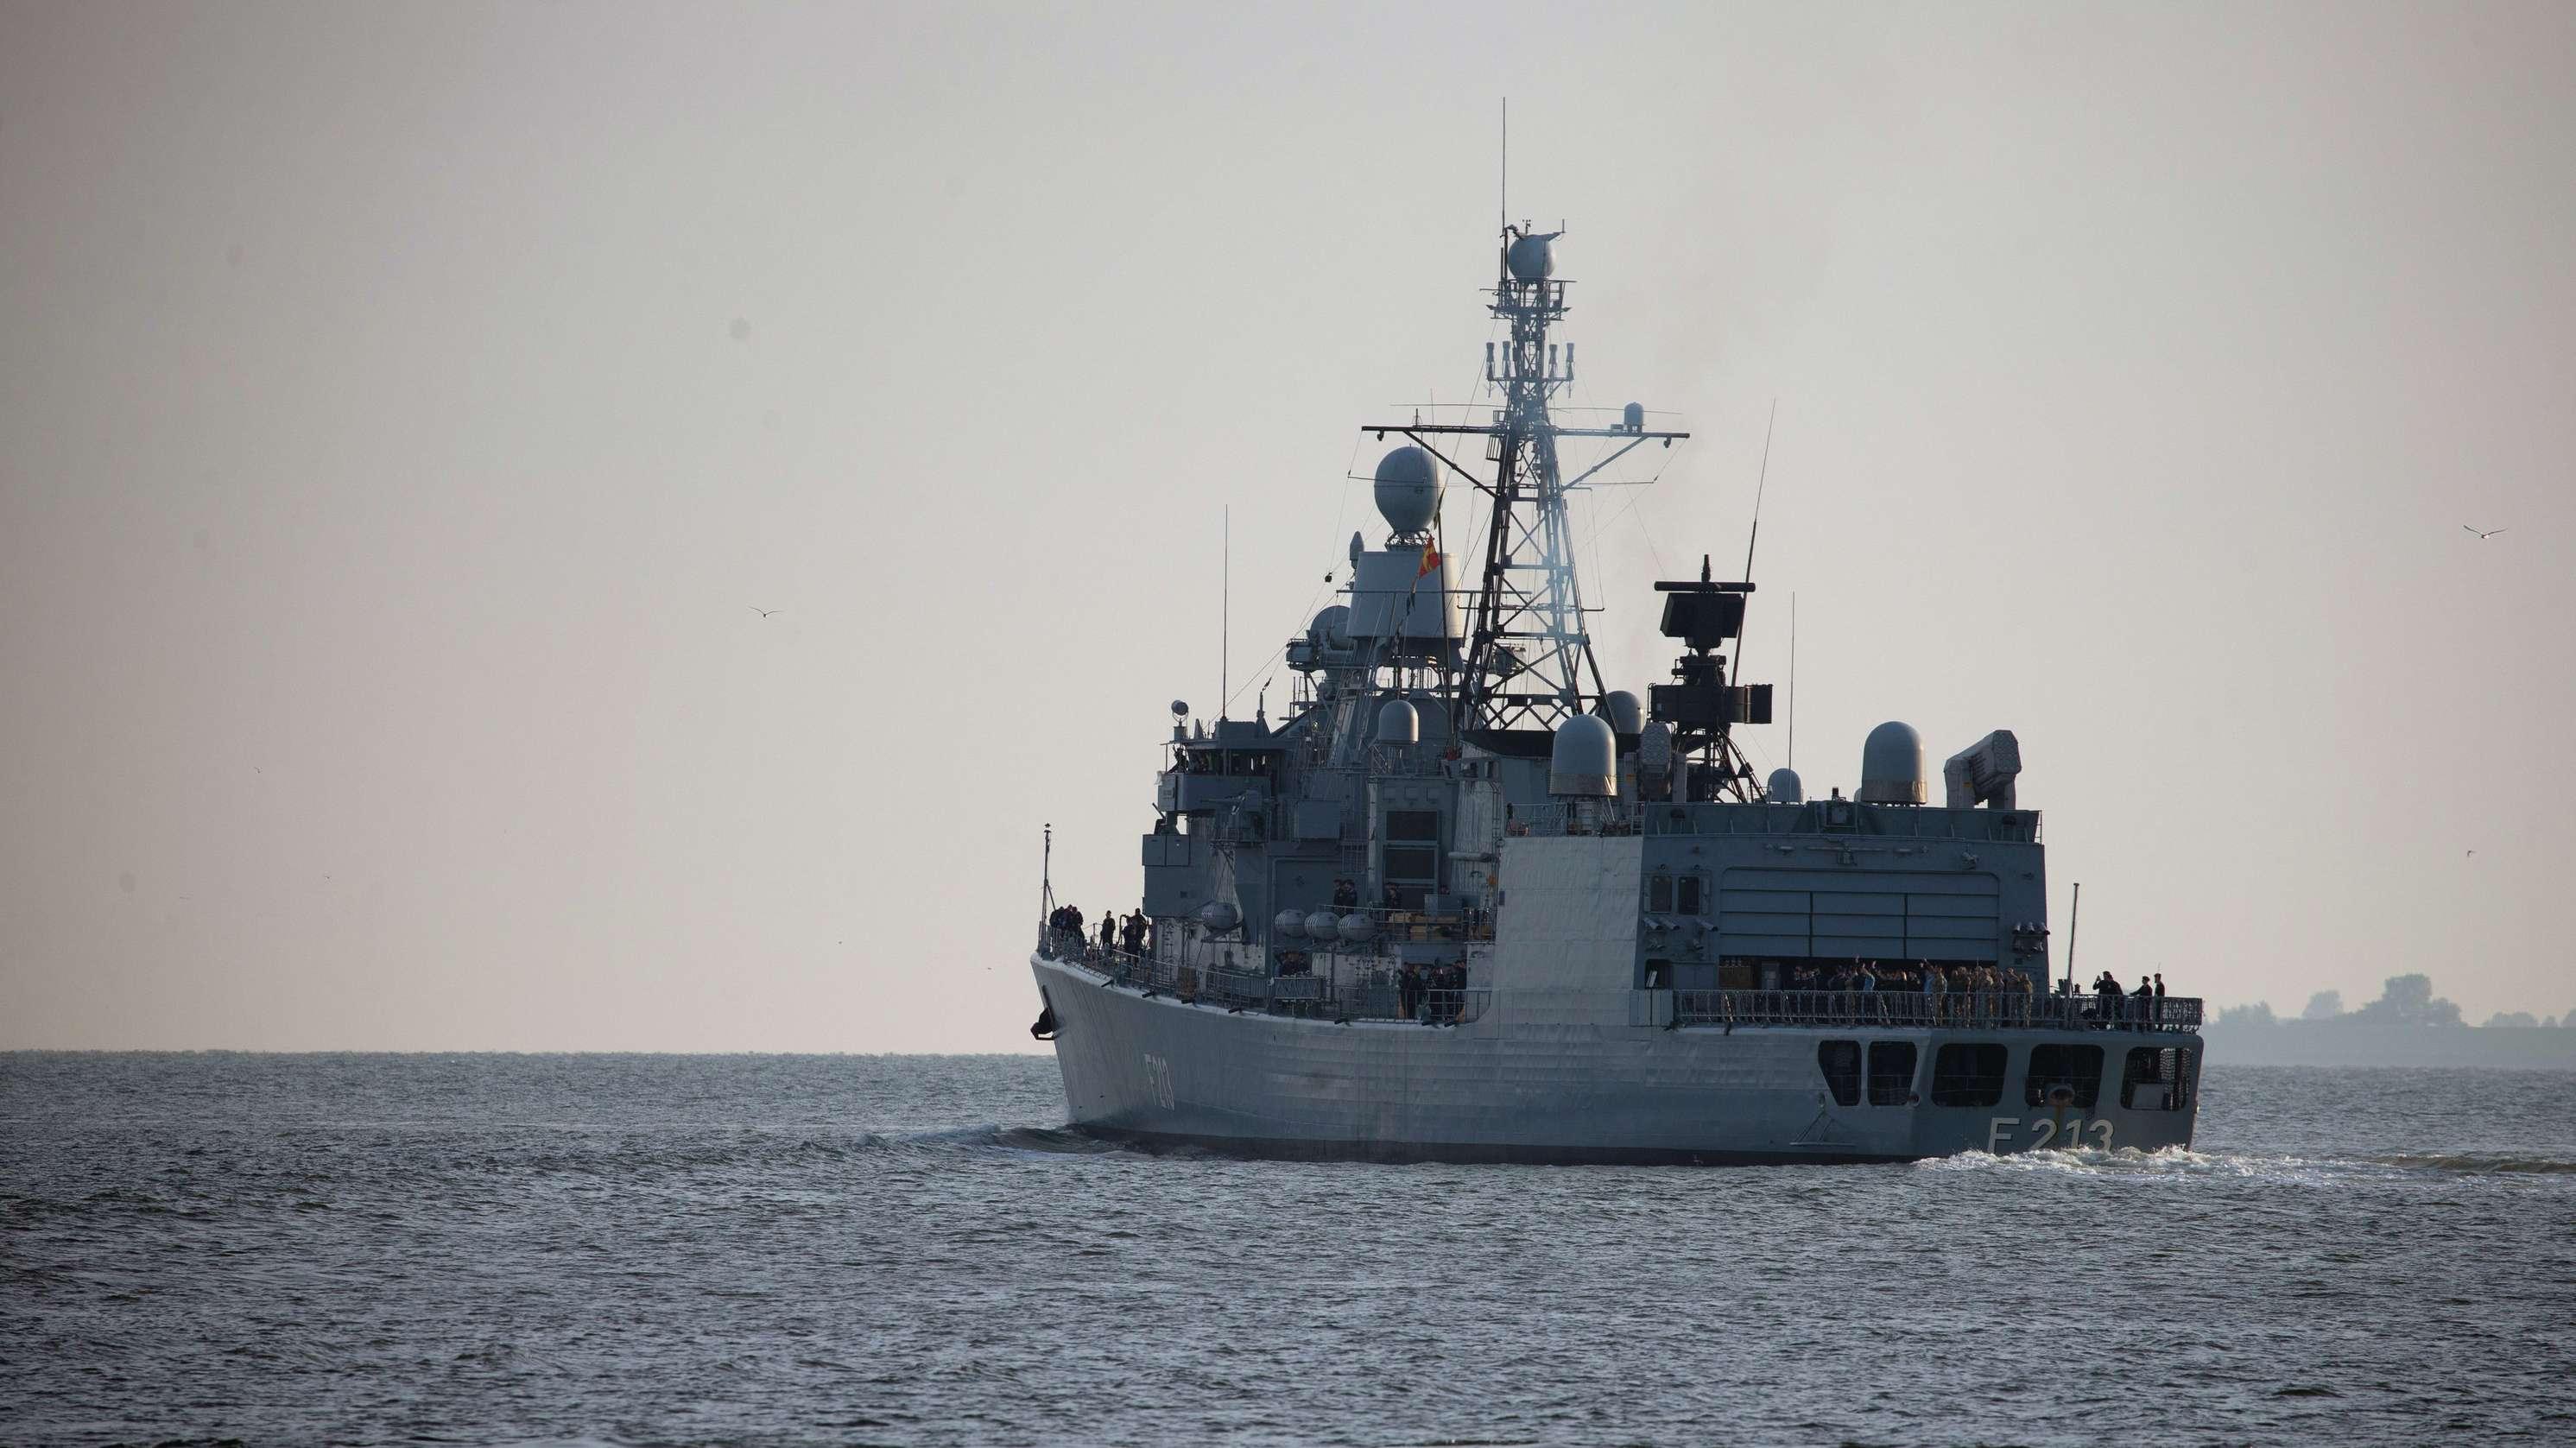 """Die Fregatte """"Augsburg"""" läuft im September 2018 zur Operation """"Sophia"""" aus. Deutschland wird sich zukünftig nicht mehr an der Mission beteiligen."""